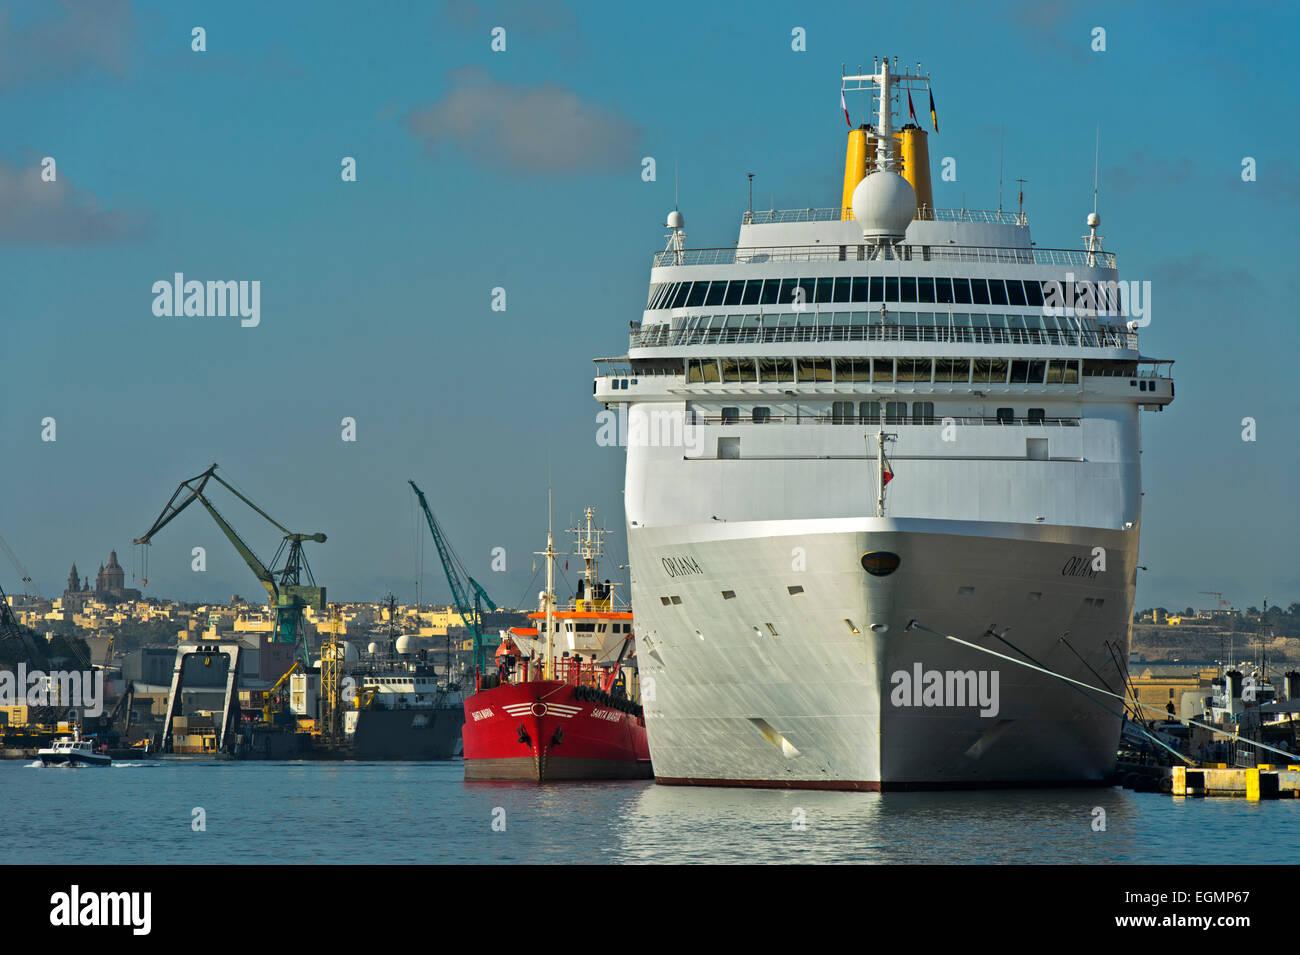 Cruise ship P&O Oriana in the port, Valletta, Malta - Stock Image